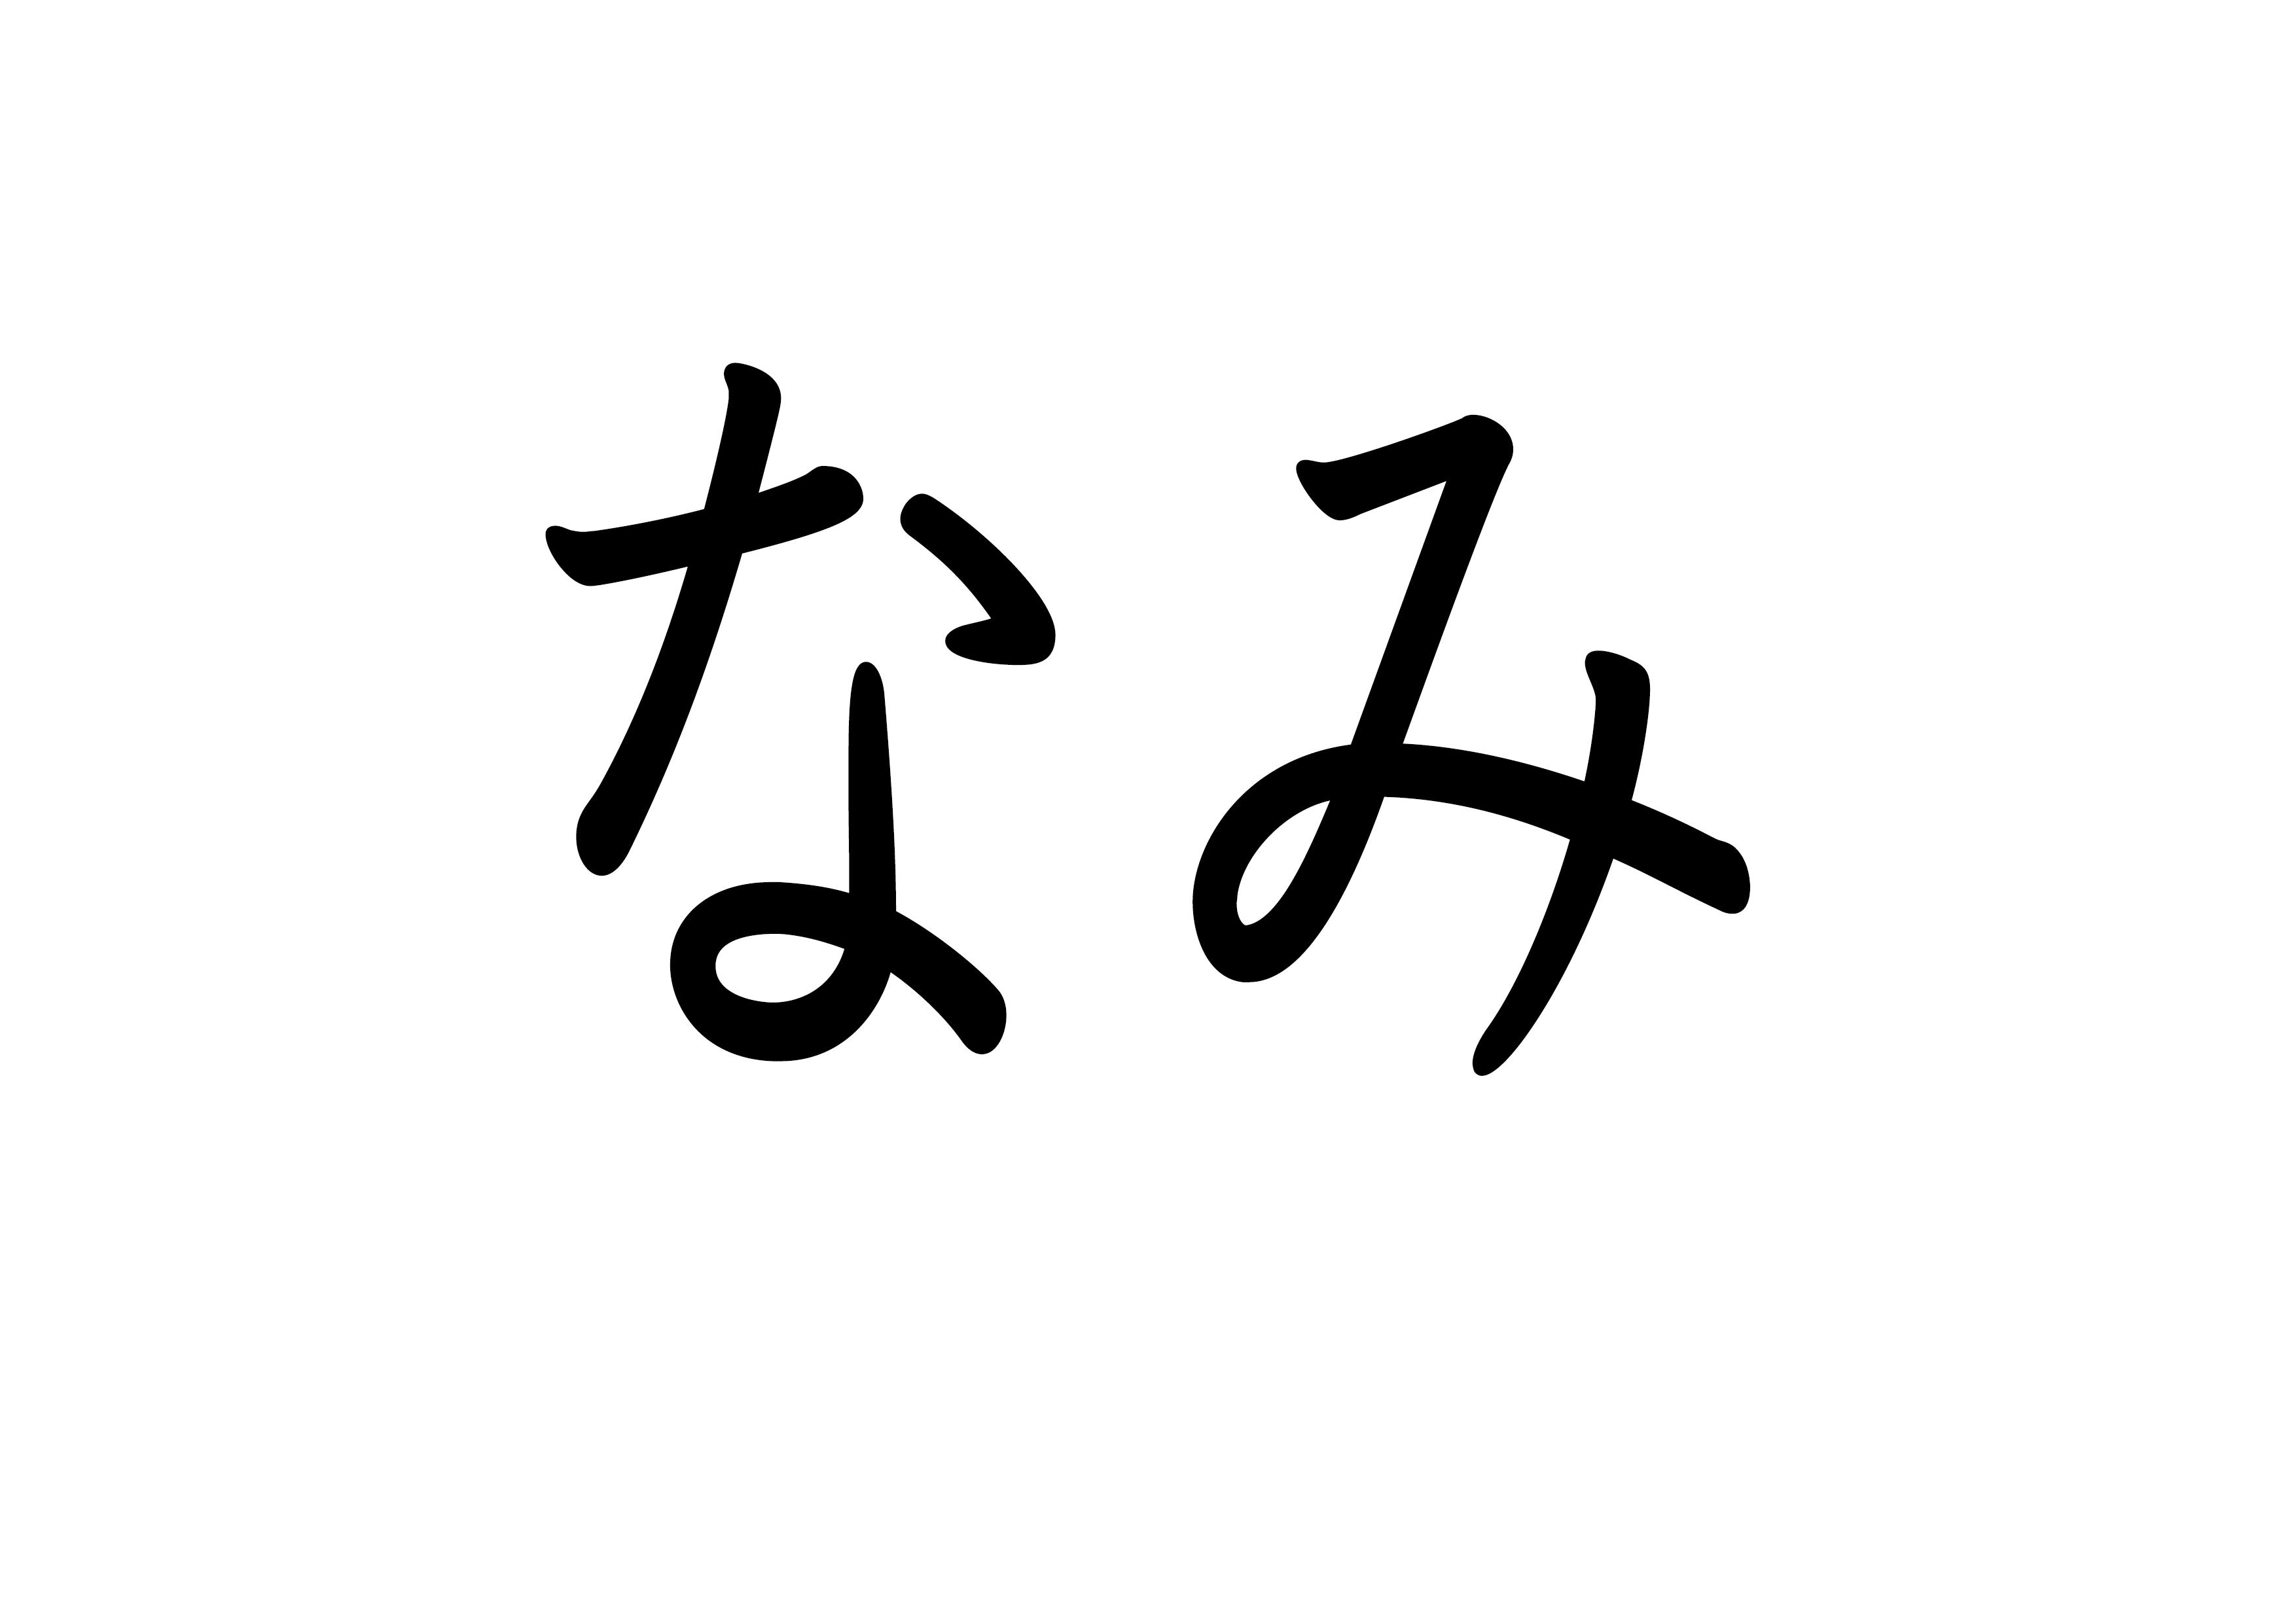 27課文字カード【波】